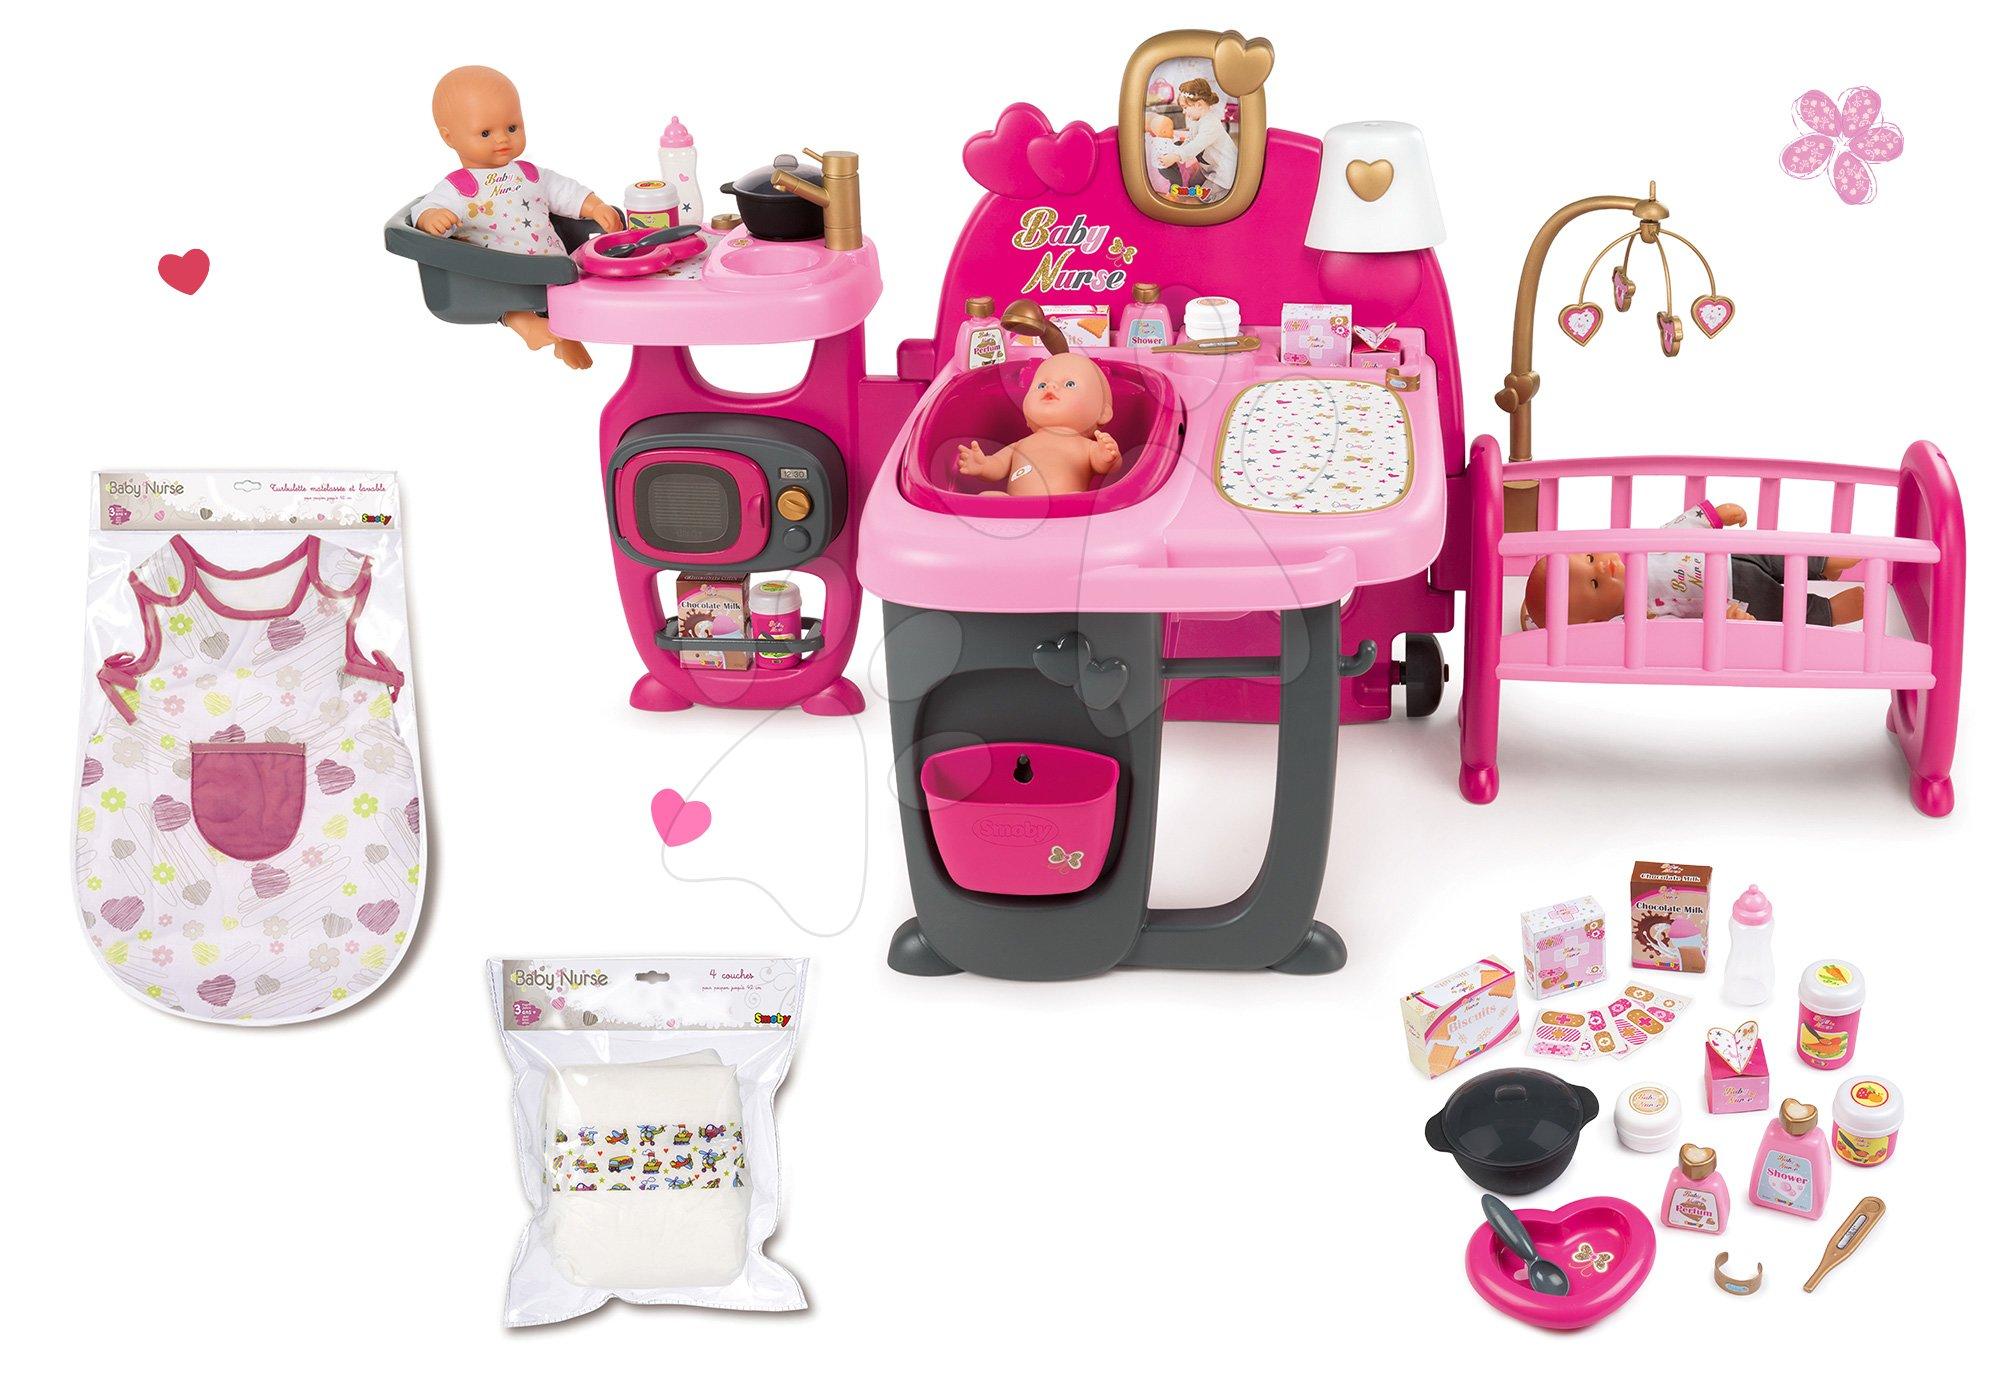 Domček pre bábiku Baby Nurse Doll's Play Center Smoby a nočný úbor s plienkami